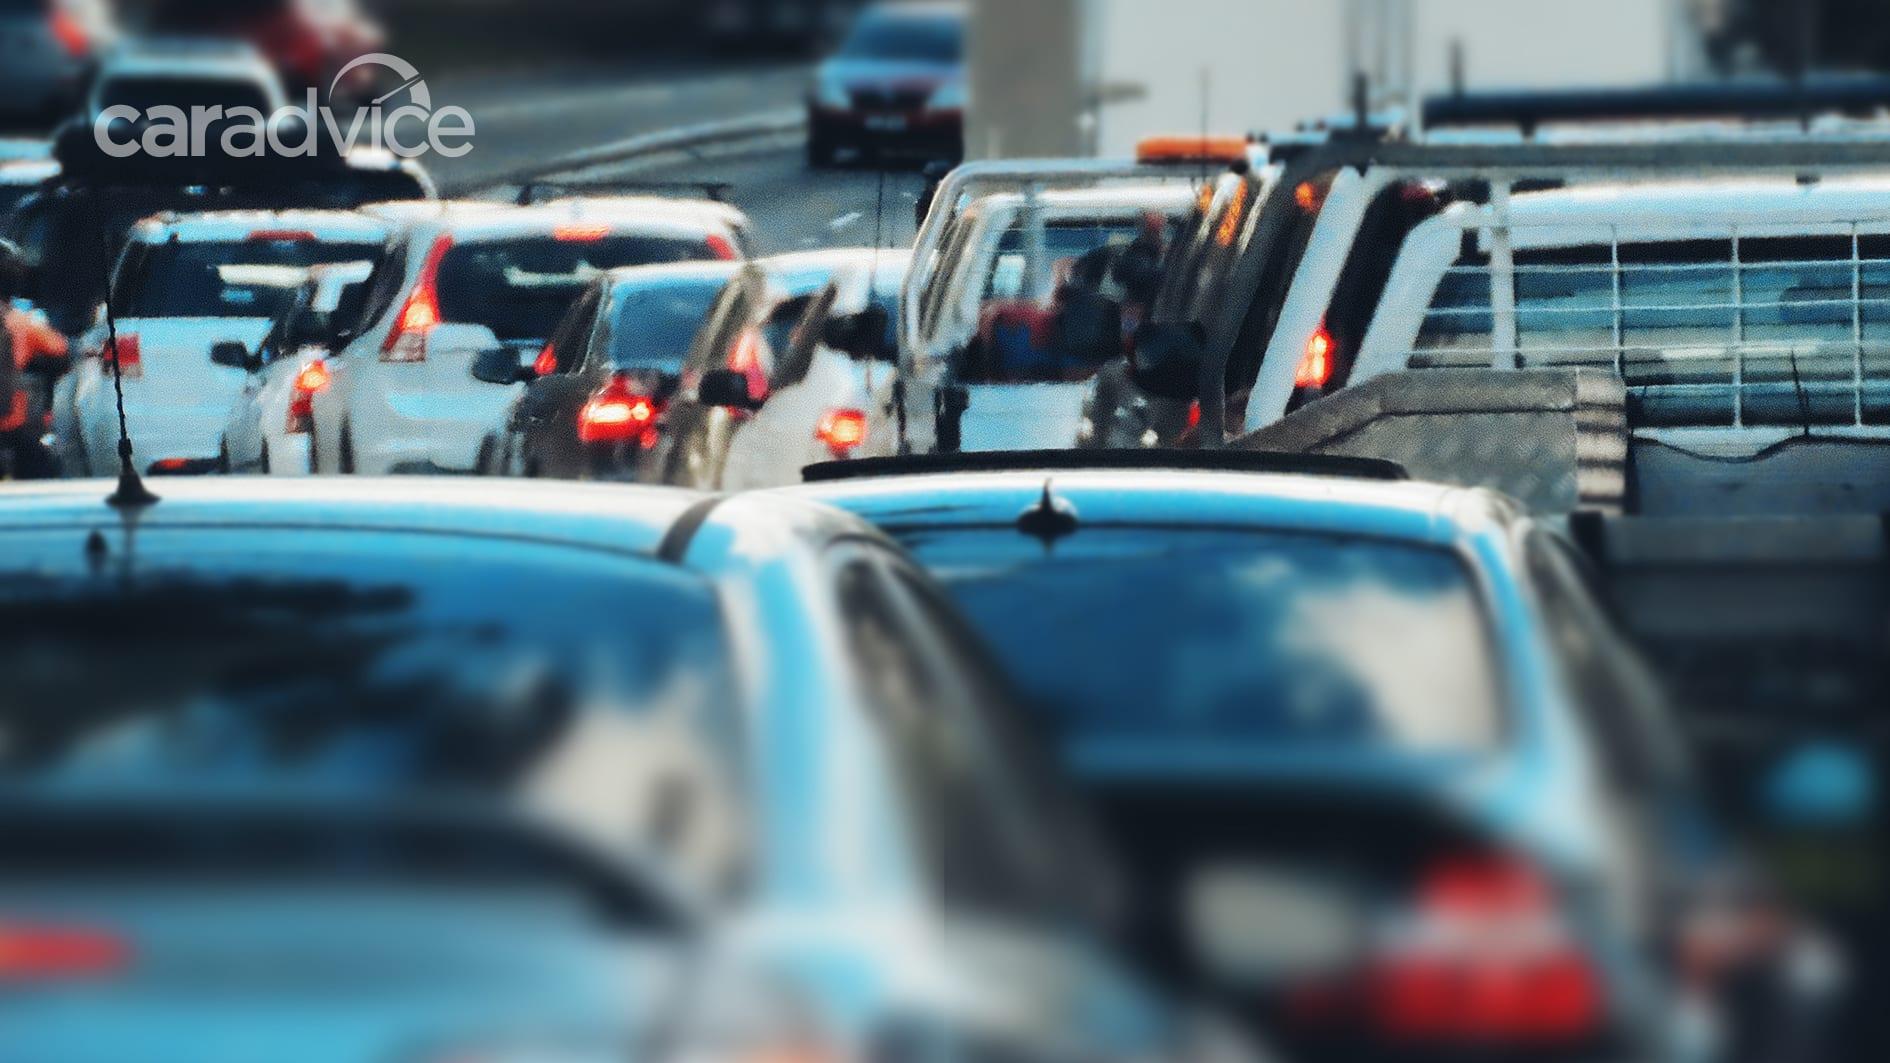 Ngành công nghiệp ô tô Úc lần đầu tiên tiết lộ lượng khí thải CO2 - 1/2